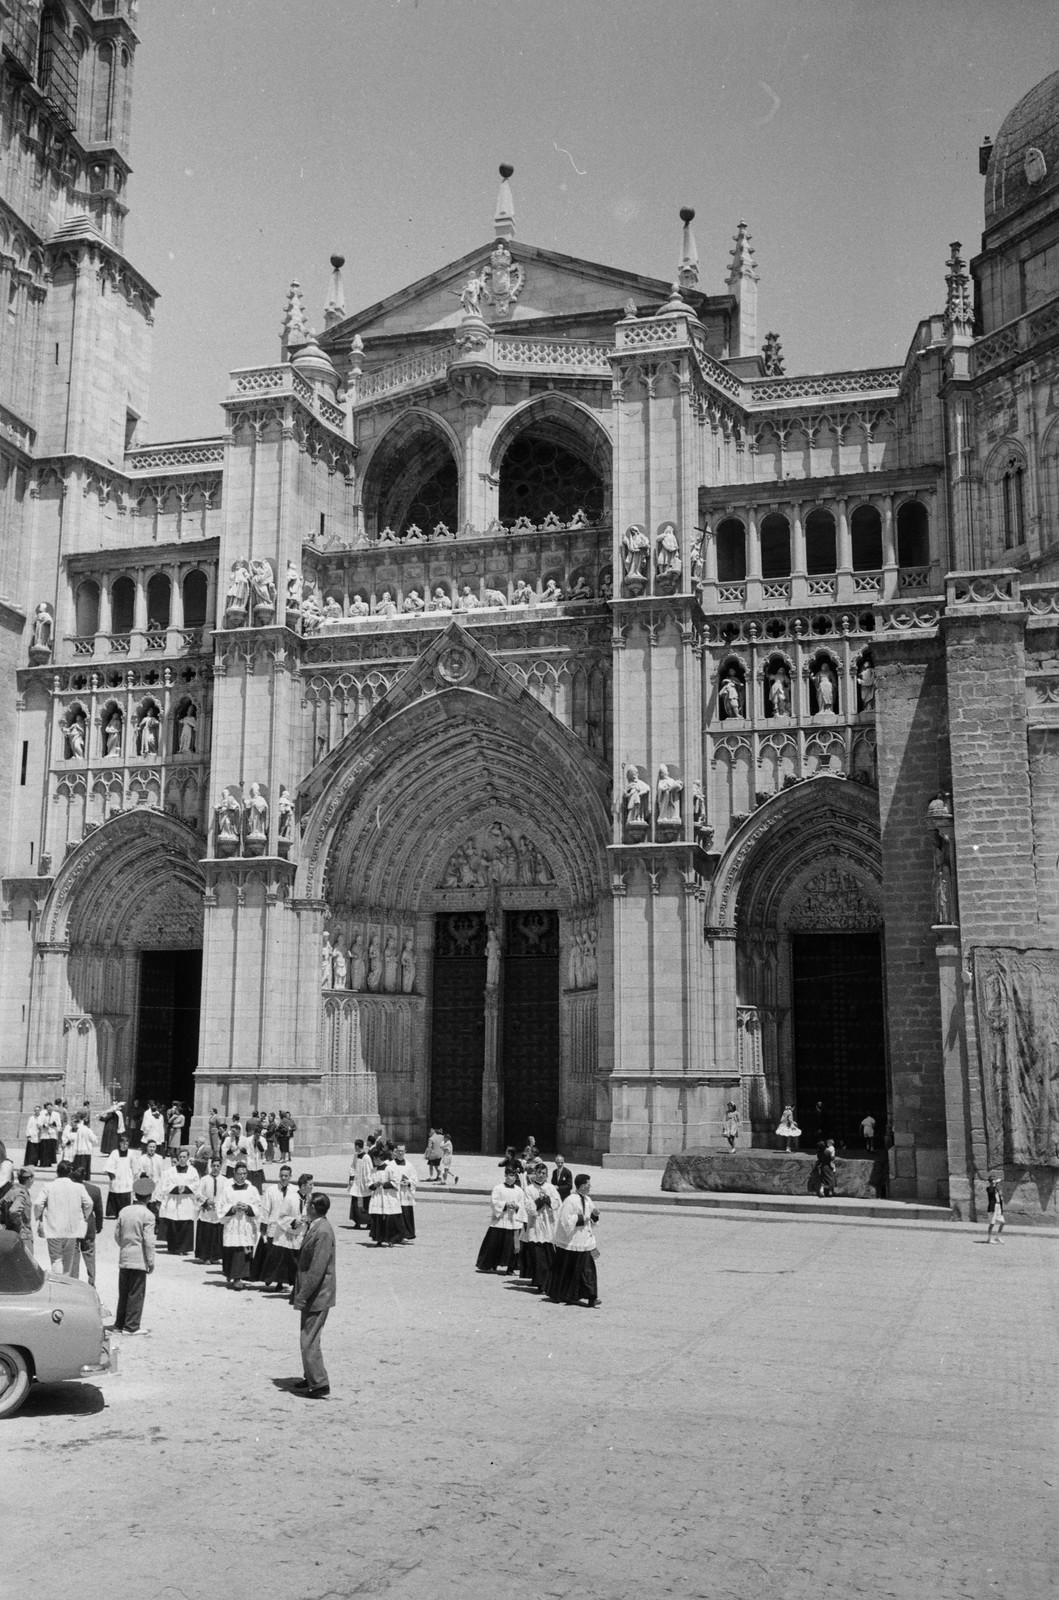 Seminaristas entran en el Palacio Arzobispal tras la Procesión del Corpus Christi de Toledo en 1955 © ETH-Bibliothek Zurich